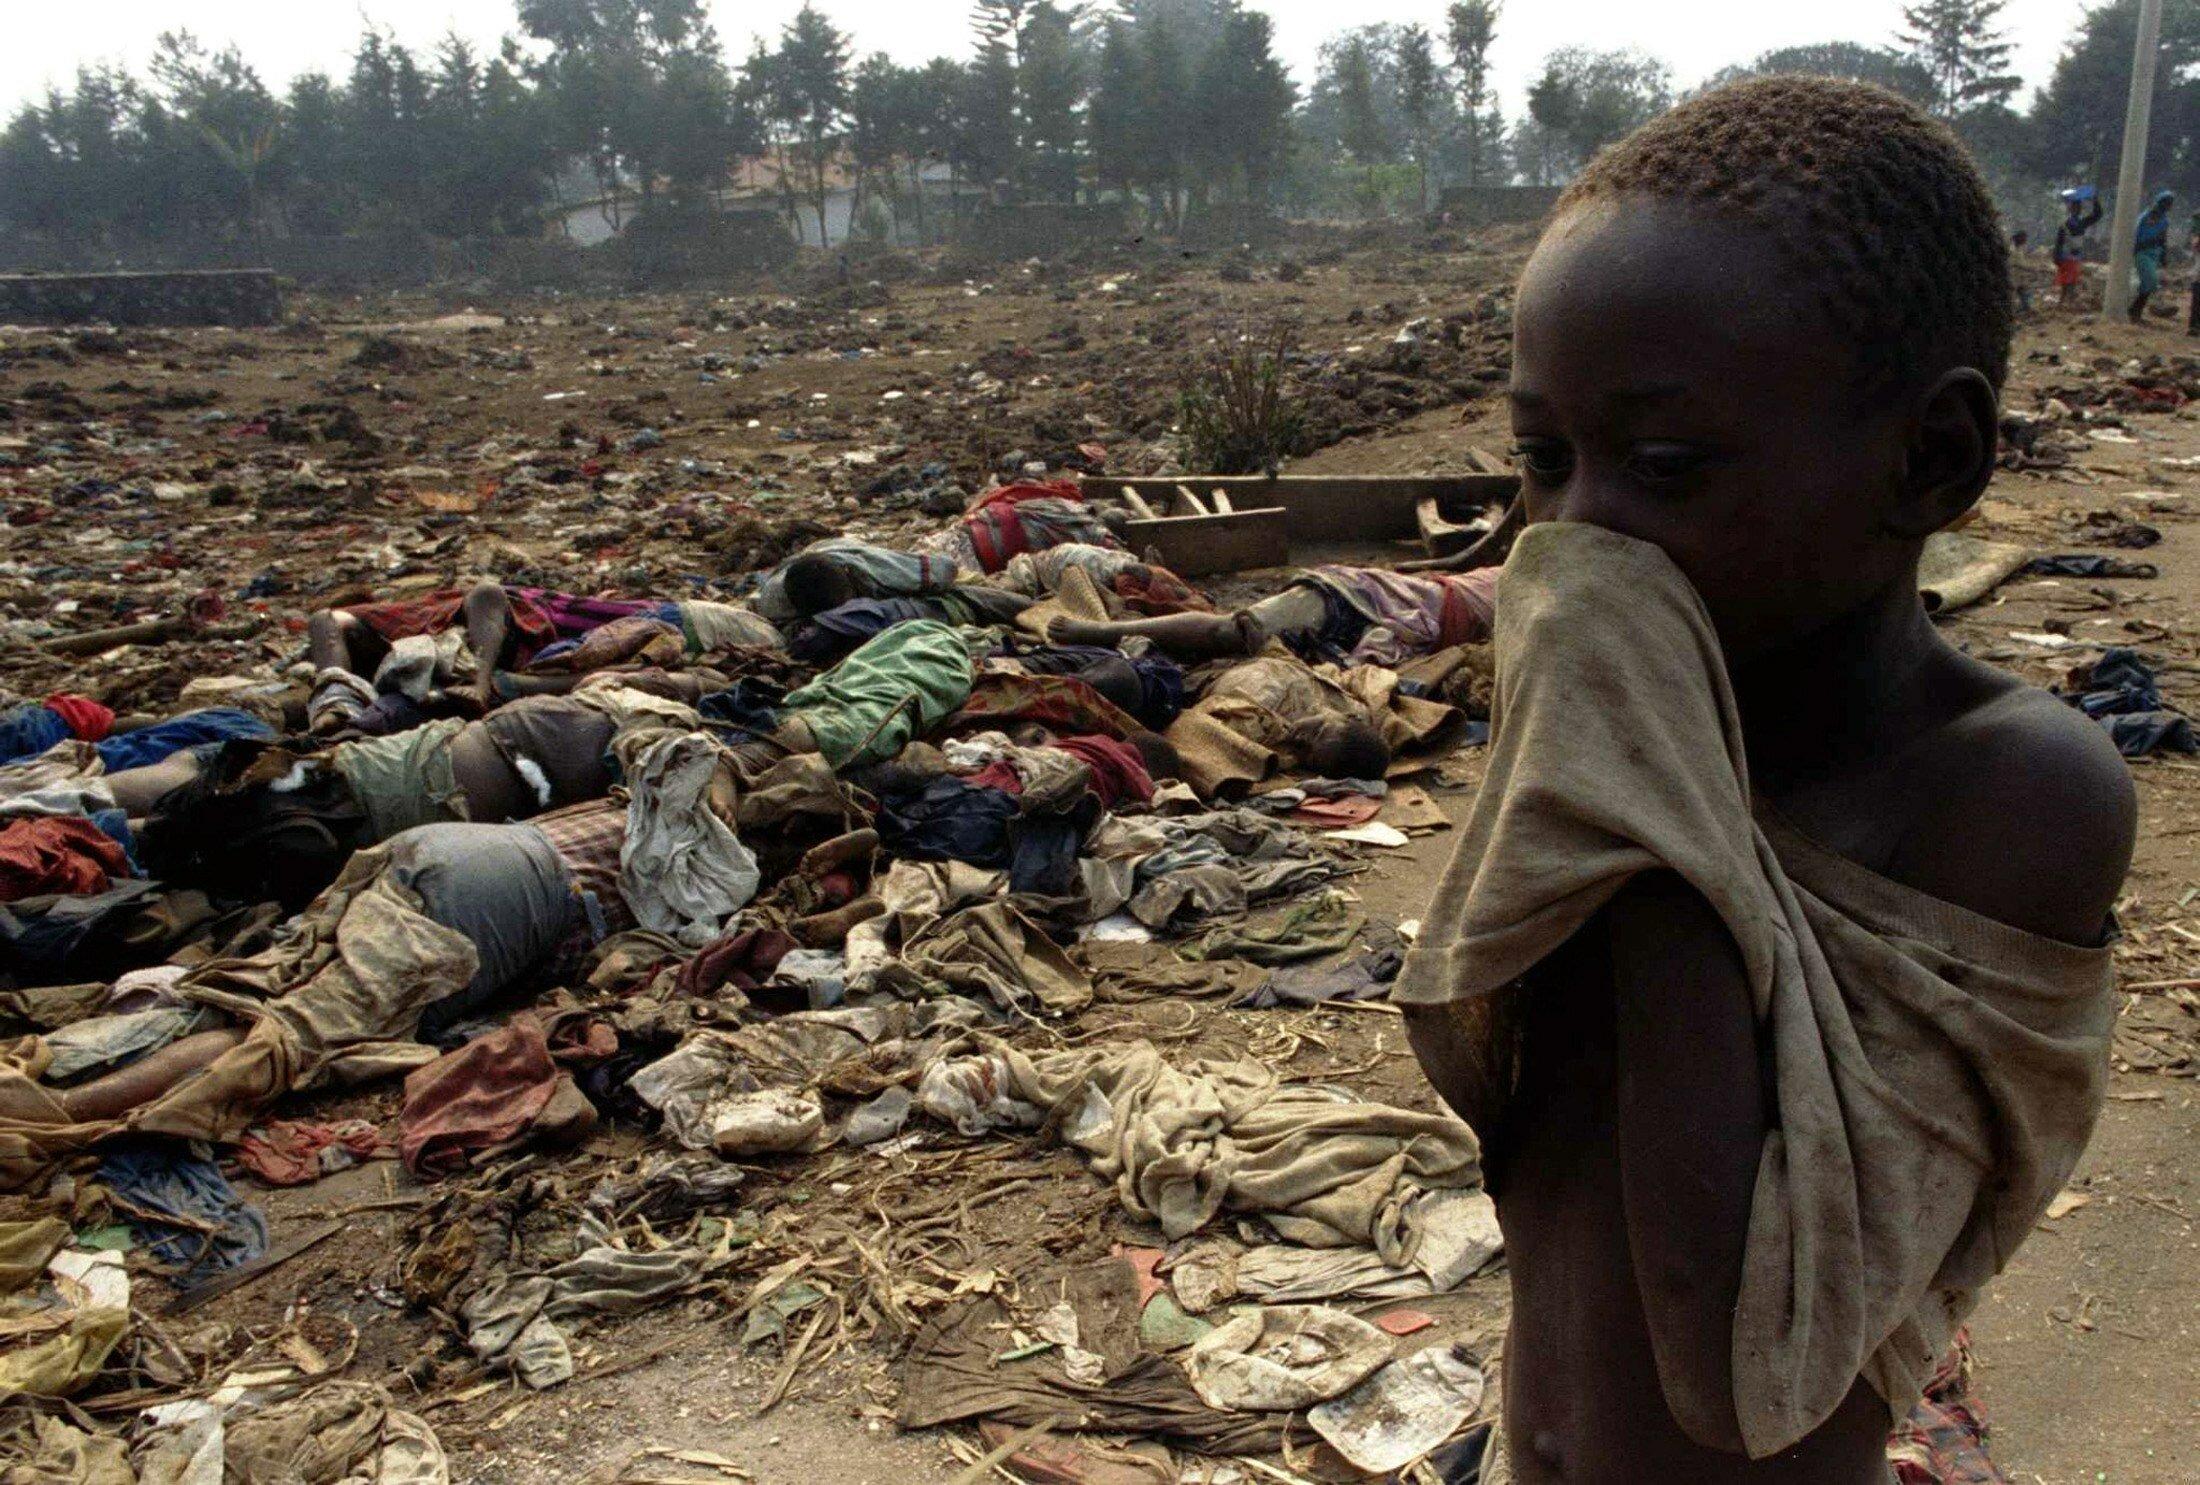 Fransa Ruanda katliamına ilişkin arşivleri açacak